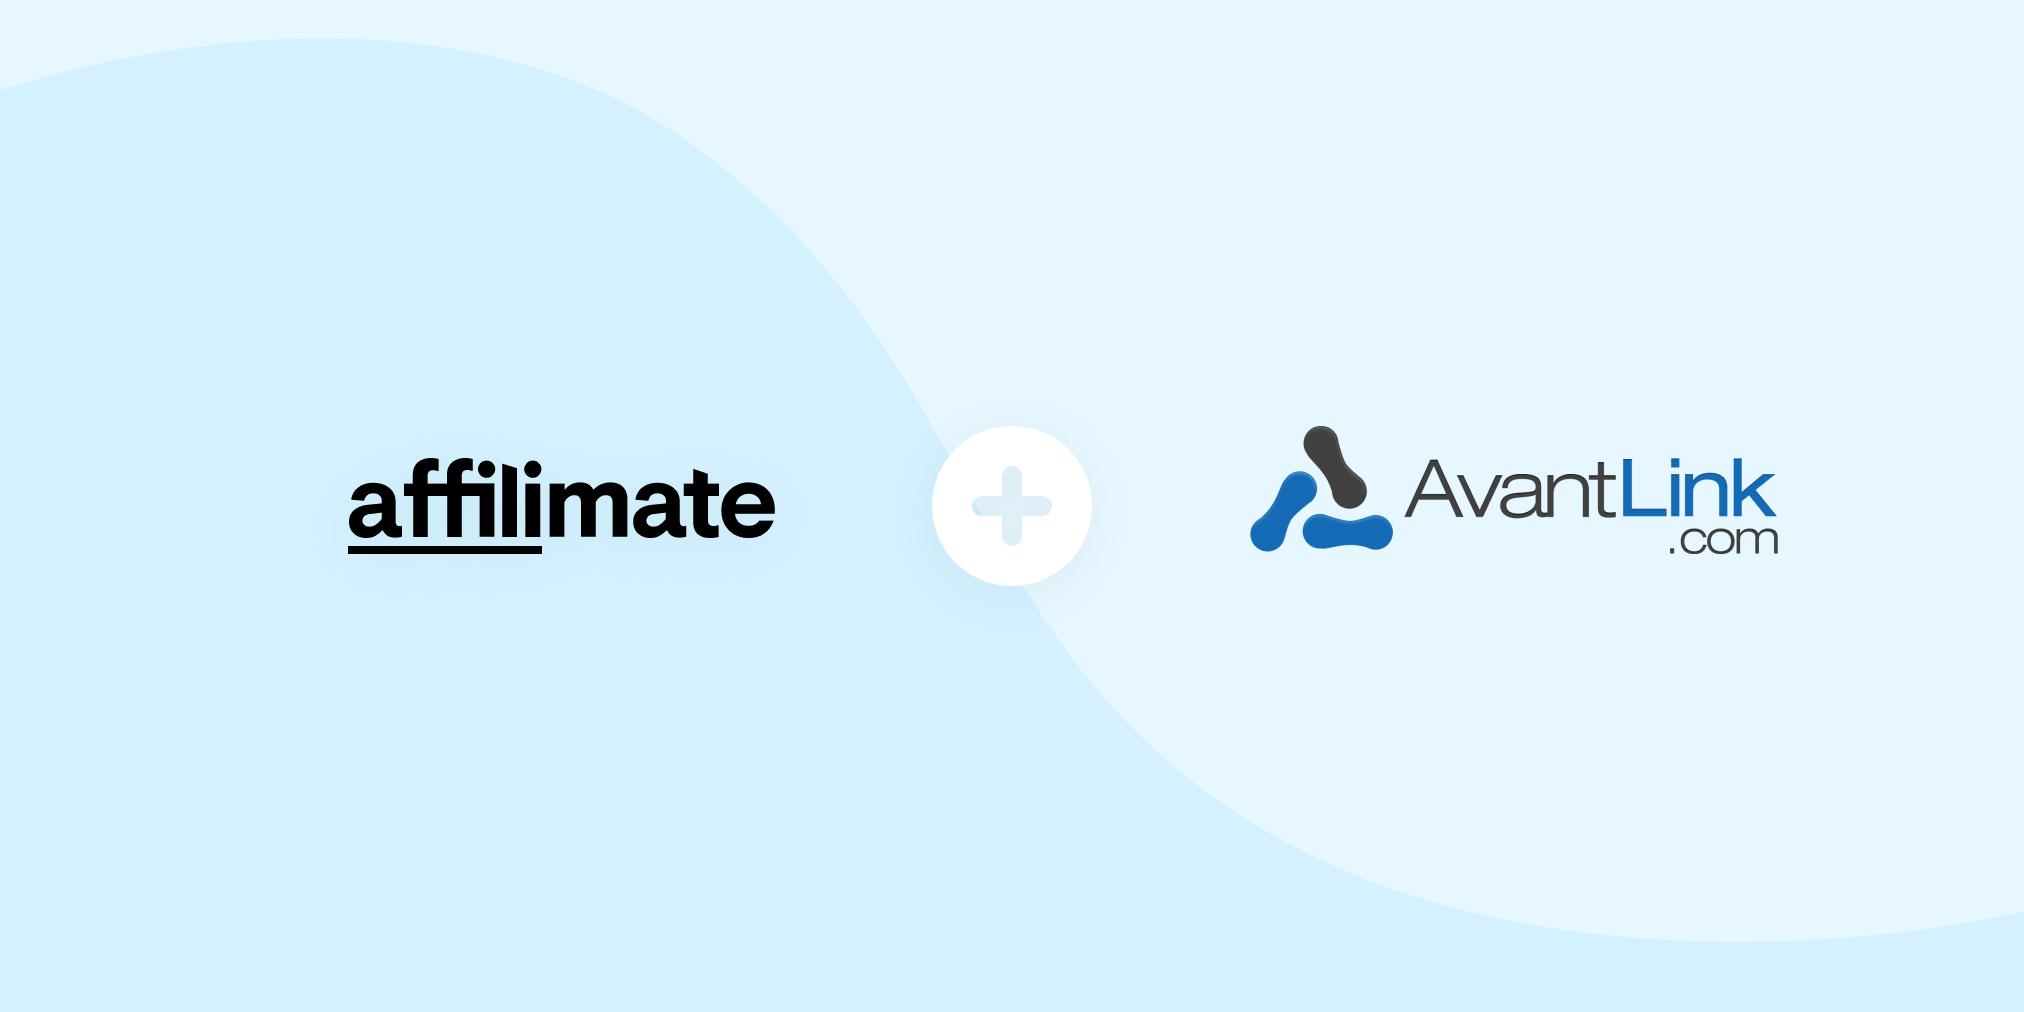 New integration: AvantLink support in Affilimate